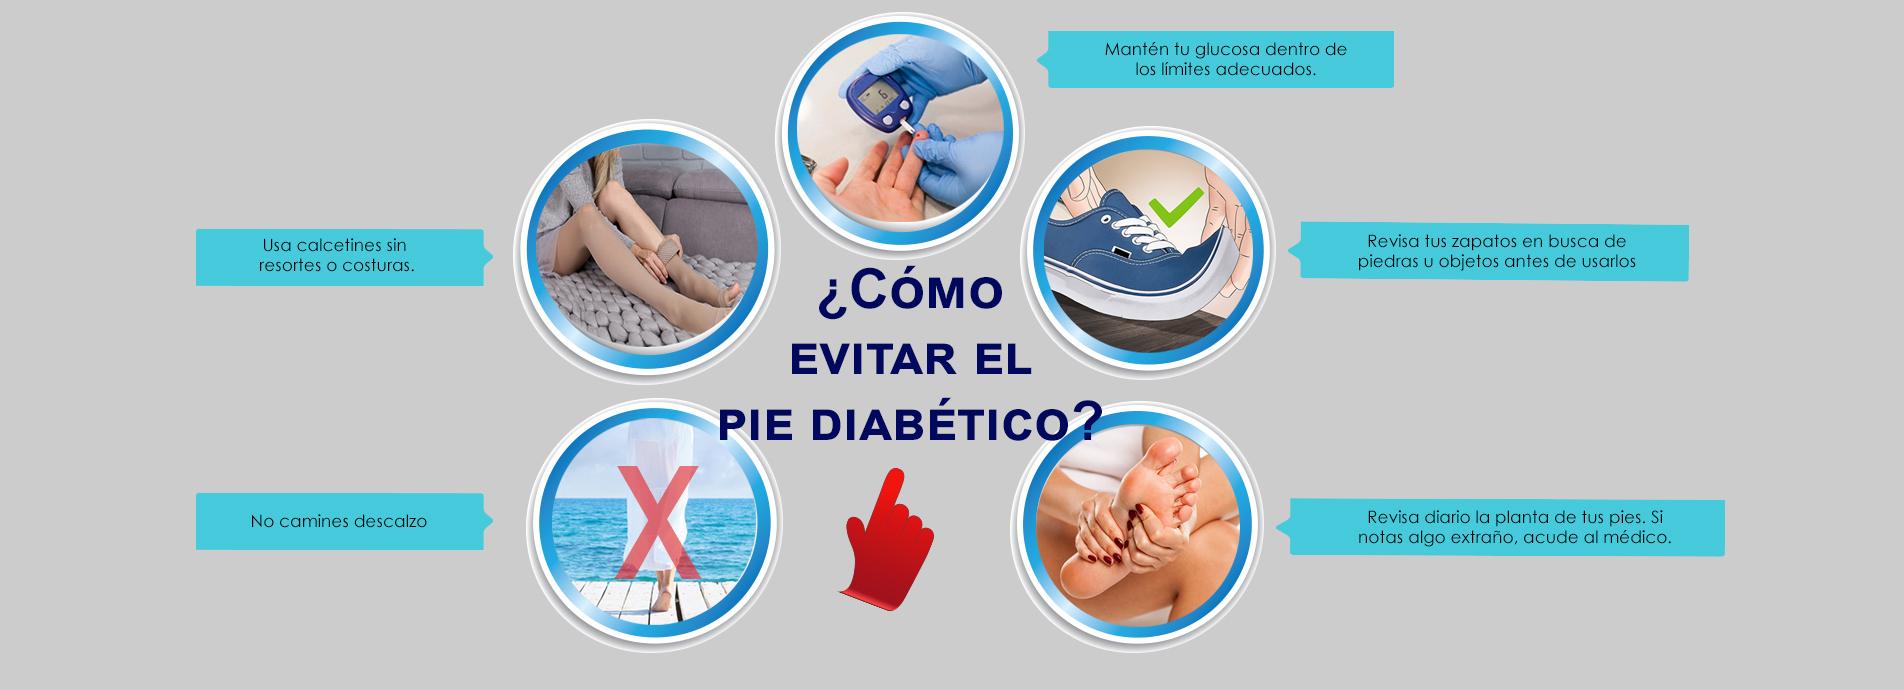 images/precio-de-tratamientos-para-pie-diabetico-en-cdmx.jpg